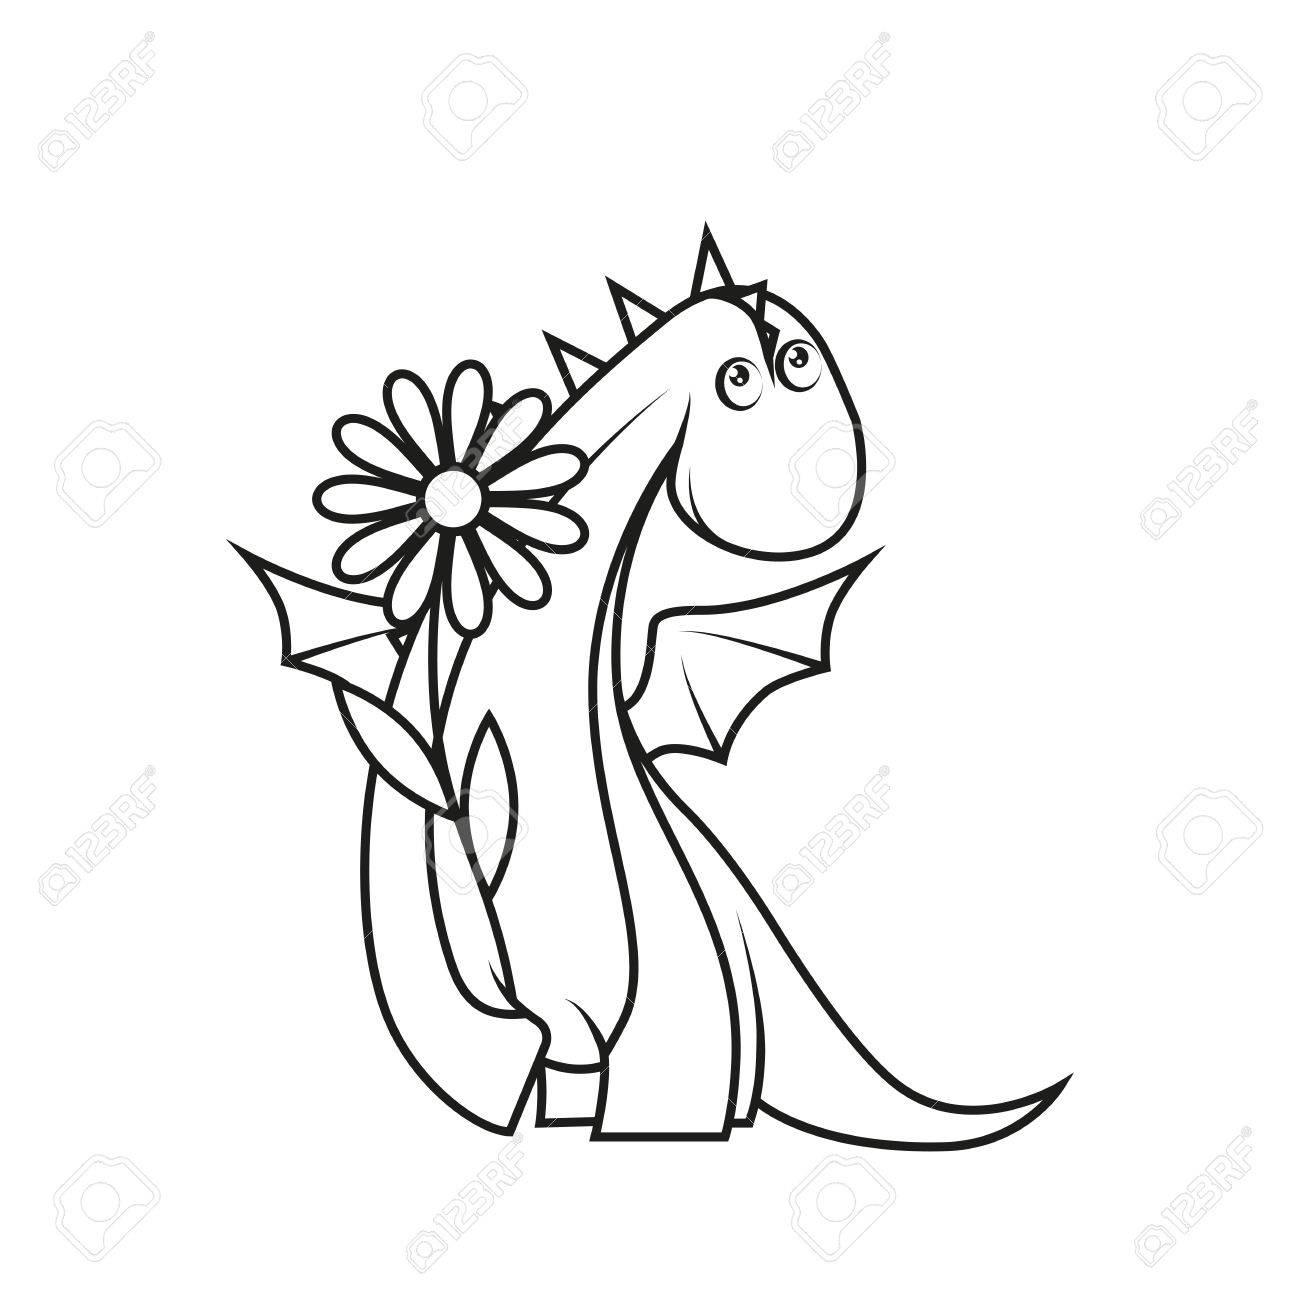 Libro Para Colorear: Holding Lindo Pequeño Dragón Flor Ilustraciones ...